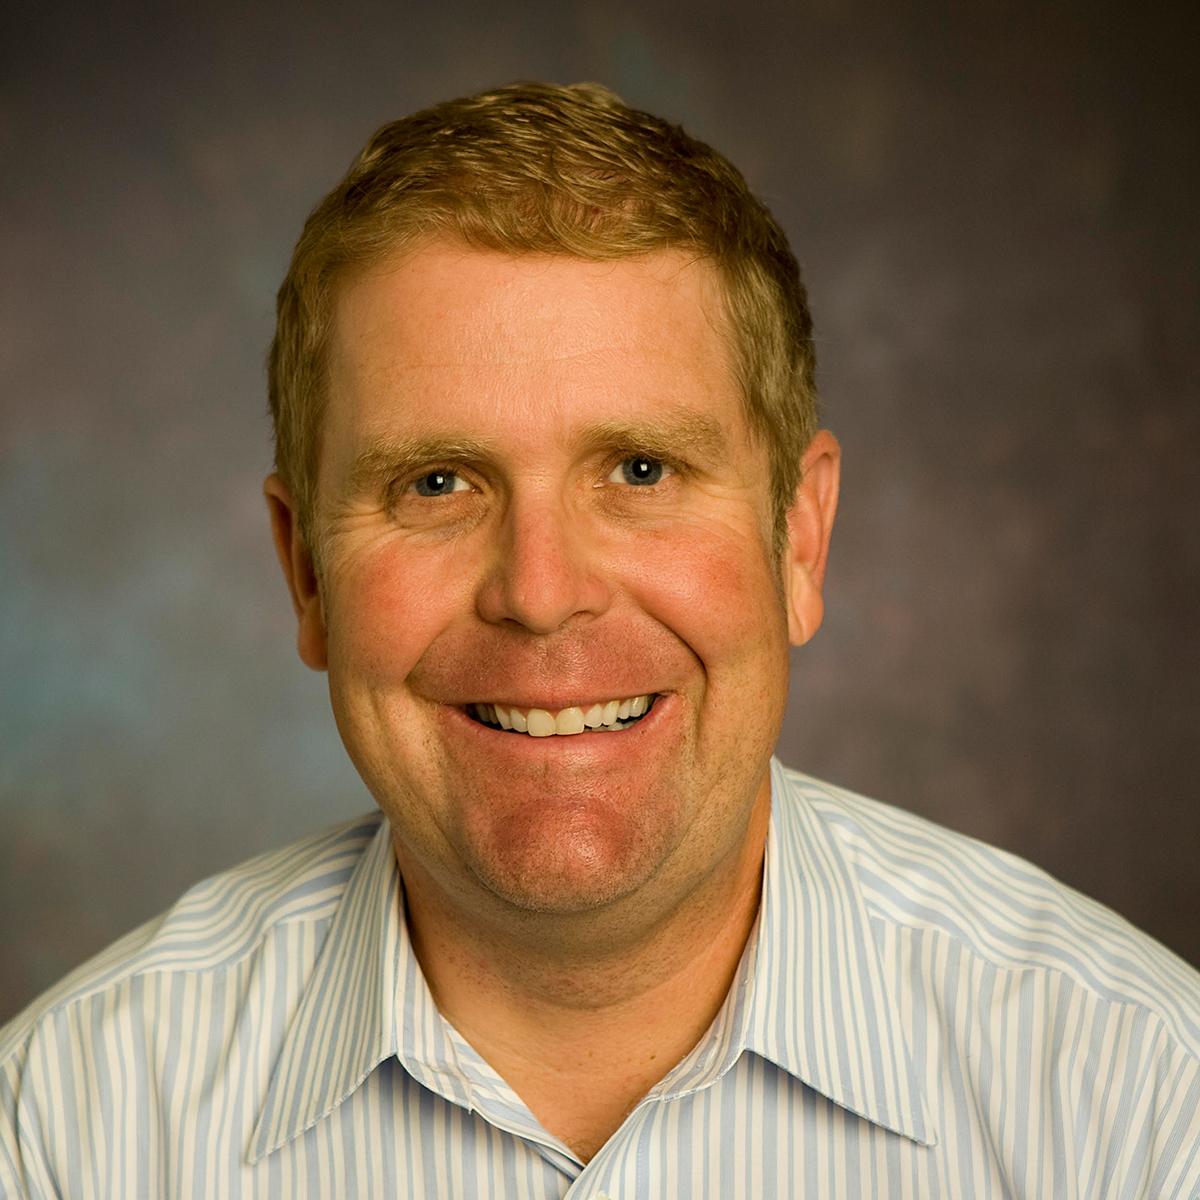 Joe  Maxwell , Managing Partner at FINTOP Capital